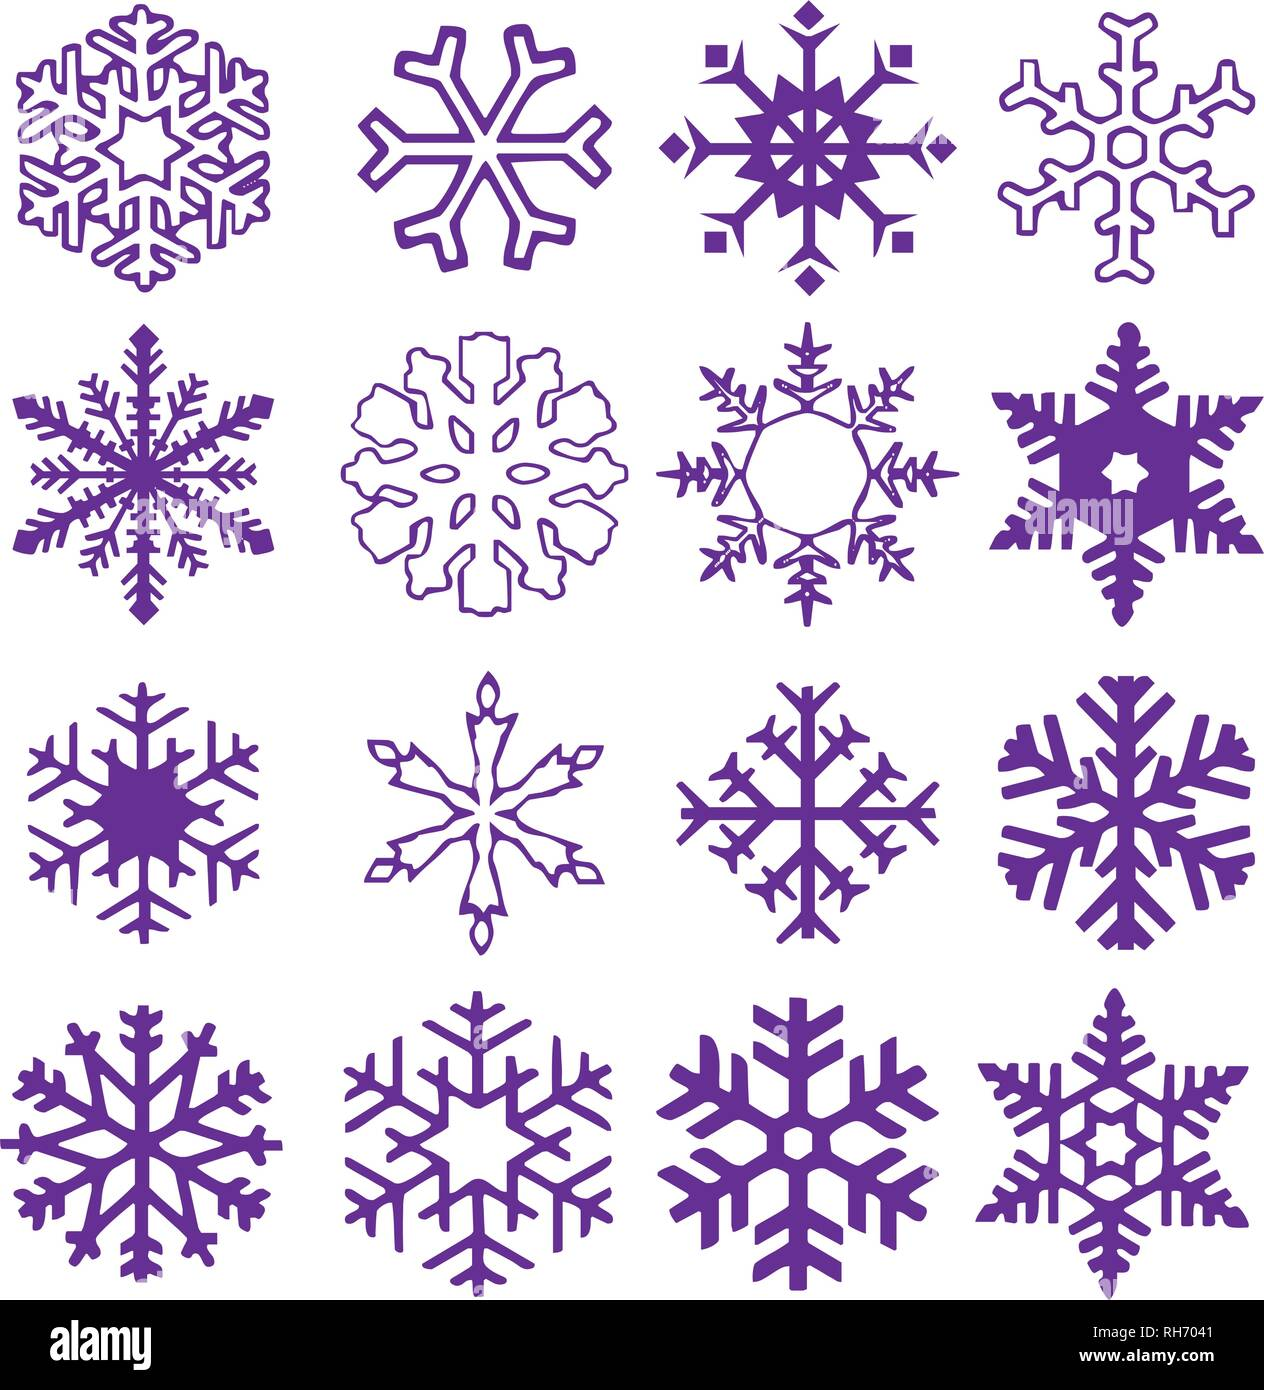 2019 Weiße Weihnachten.Schneeflocke Vektor Symbol Hintergrund Proton Lila Farbe Trend 2019